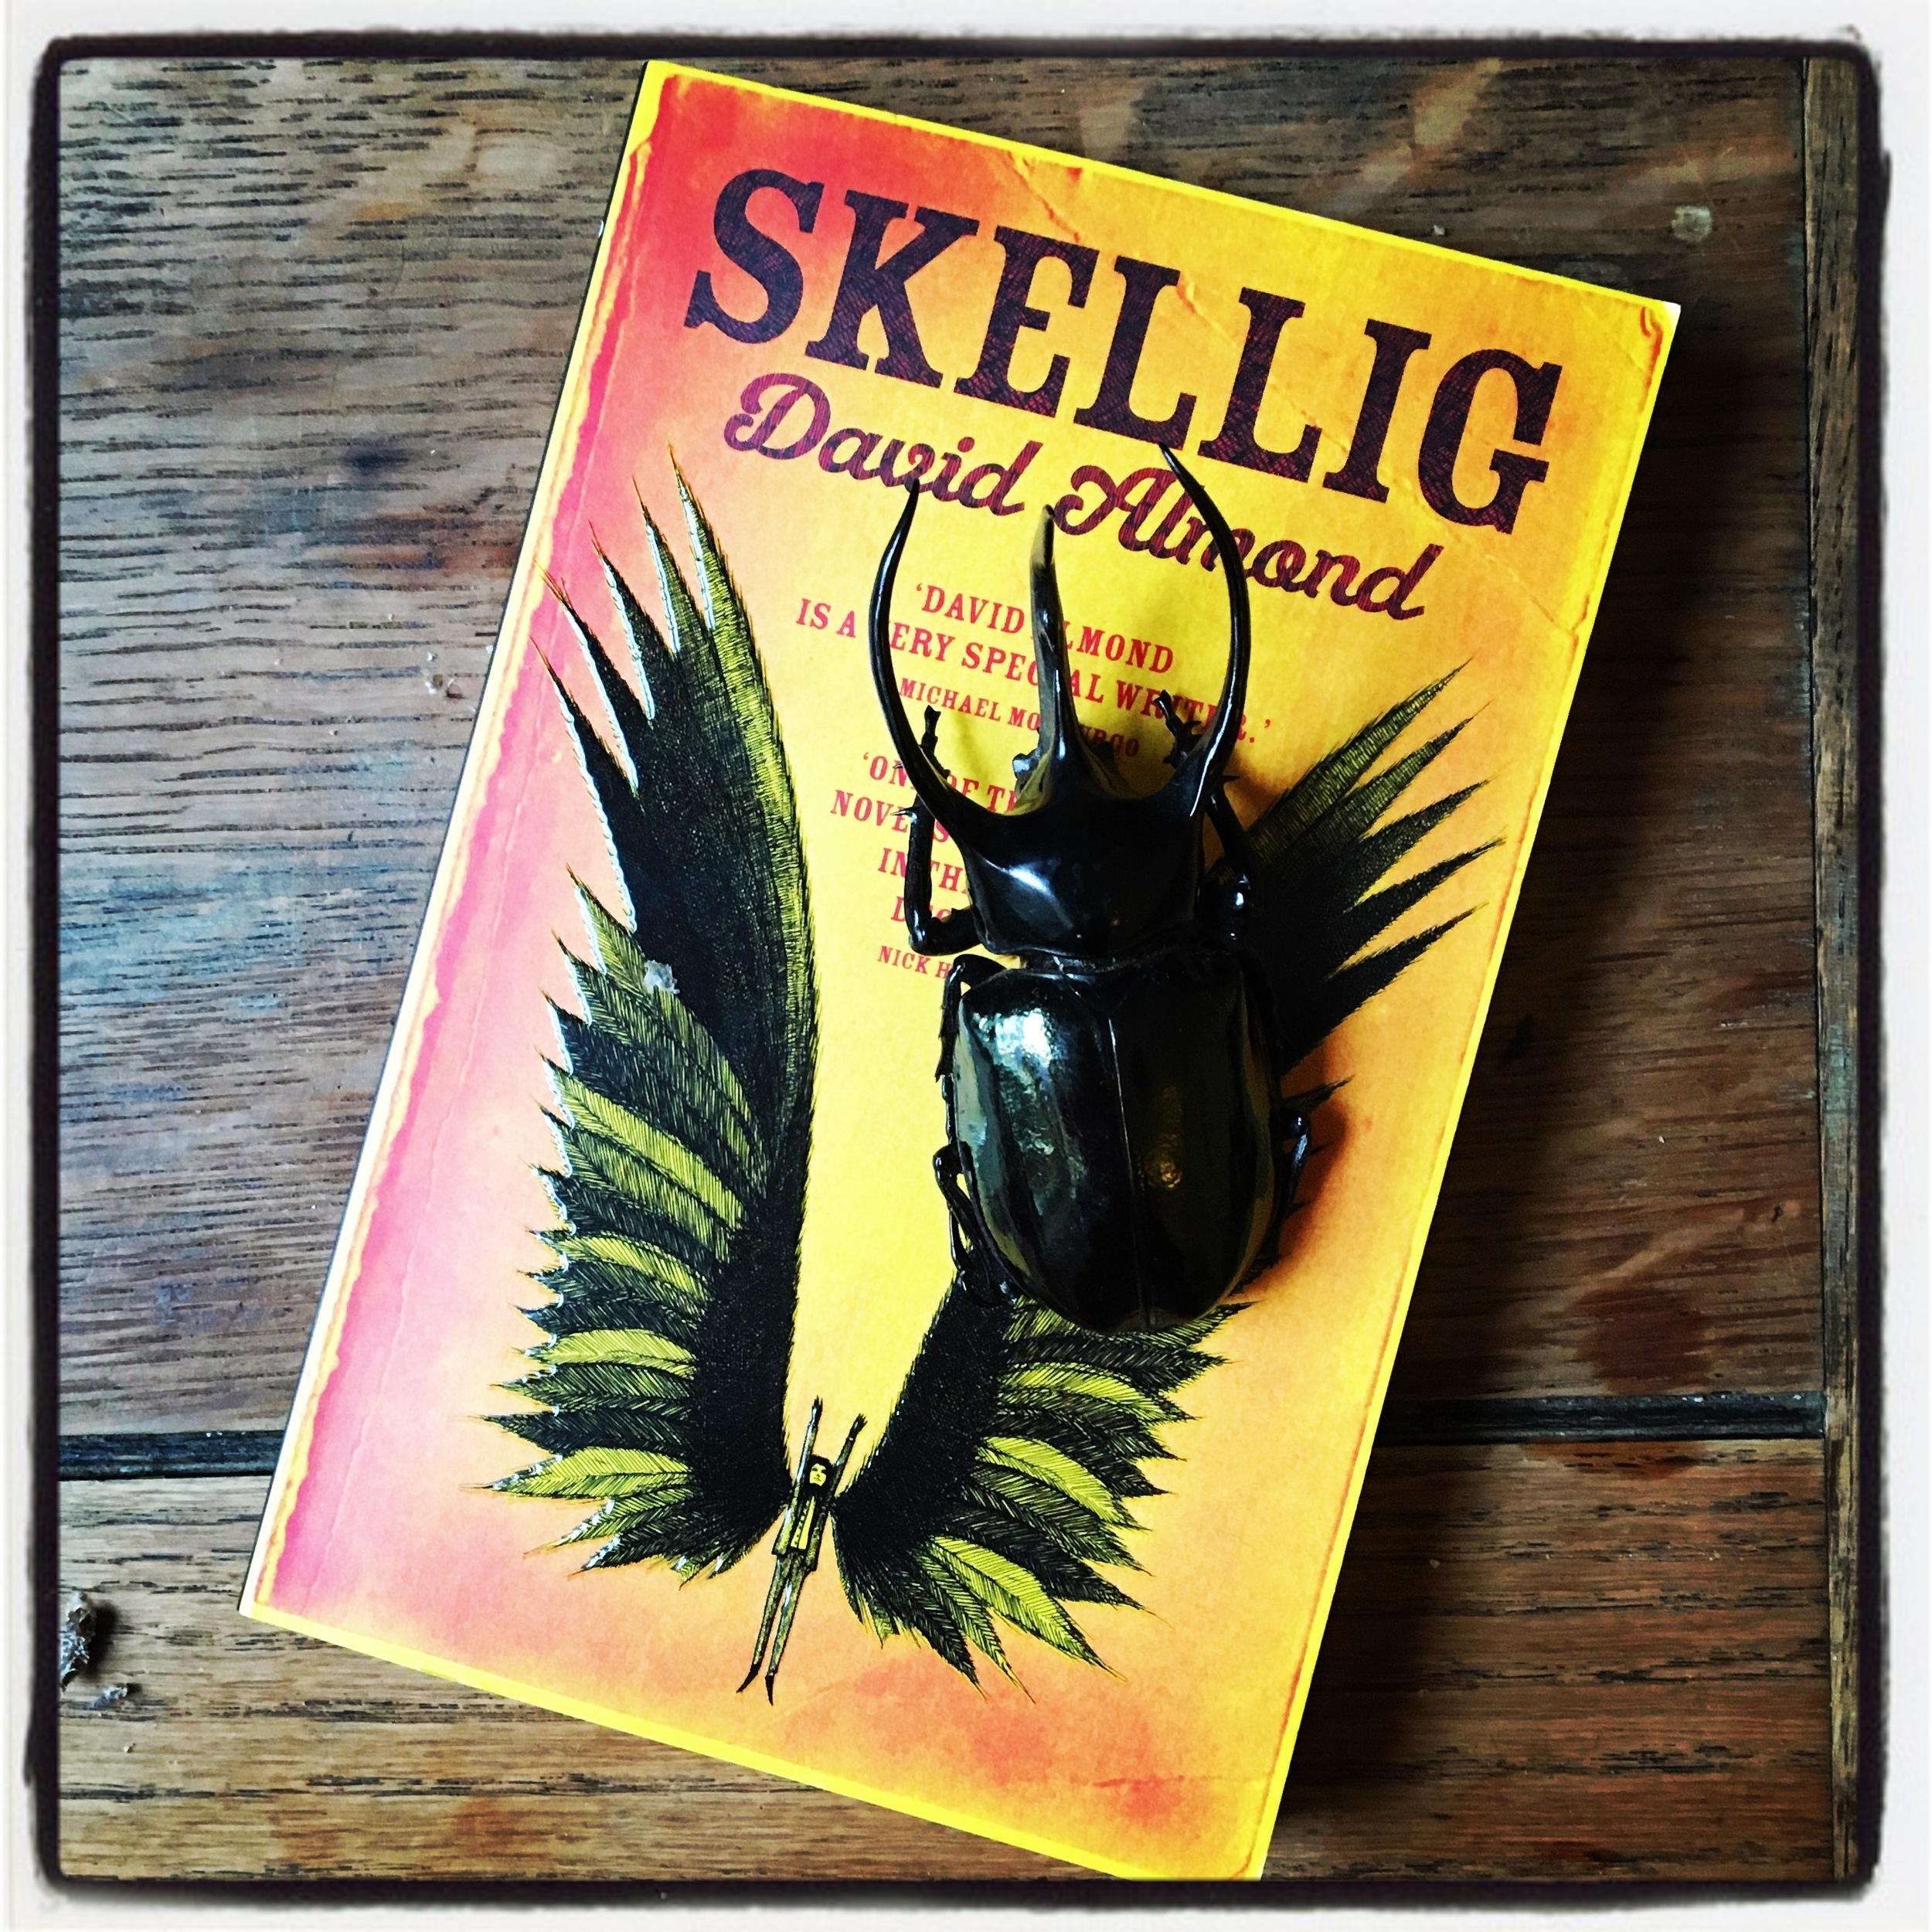 Skellig by David Arnold